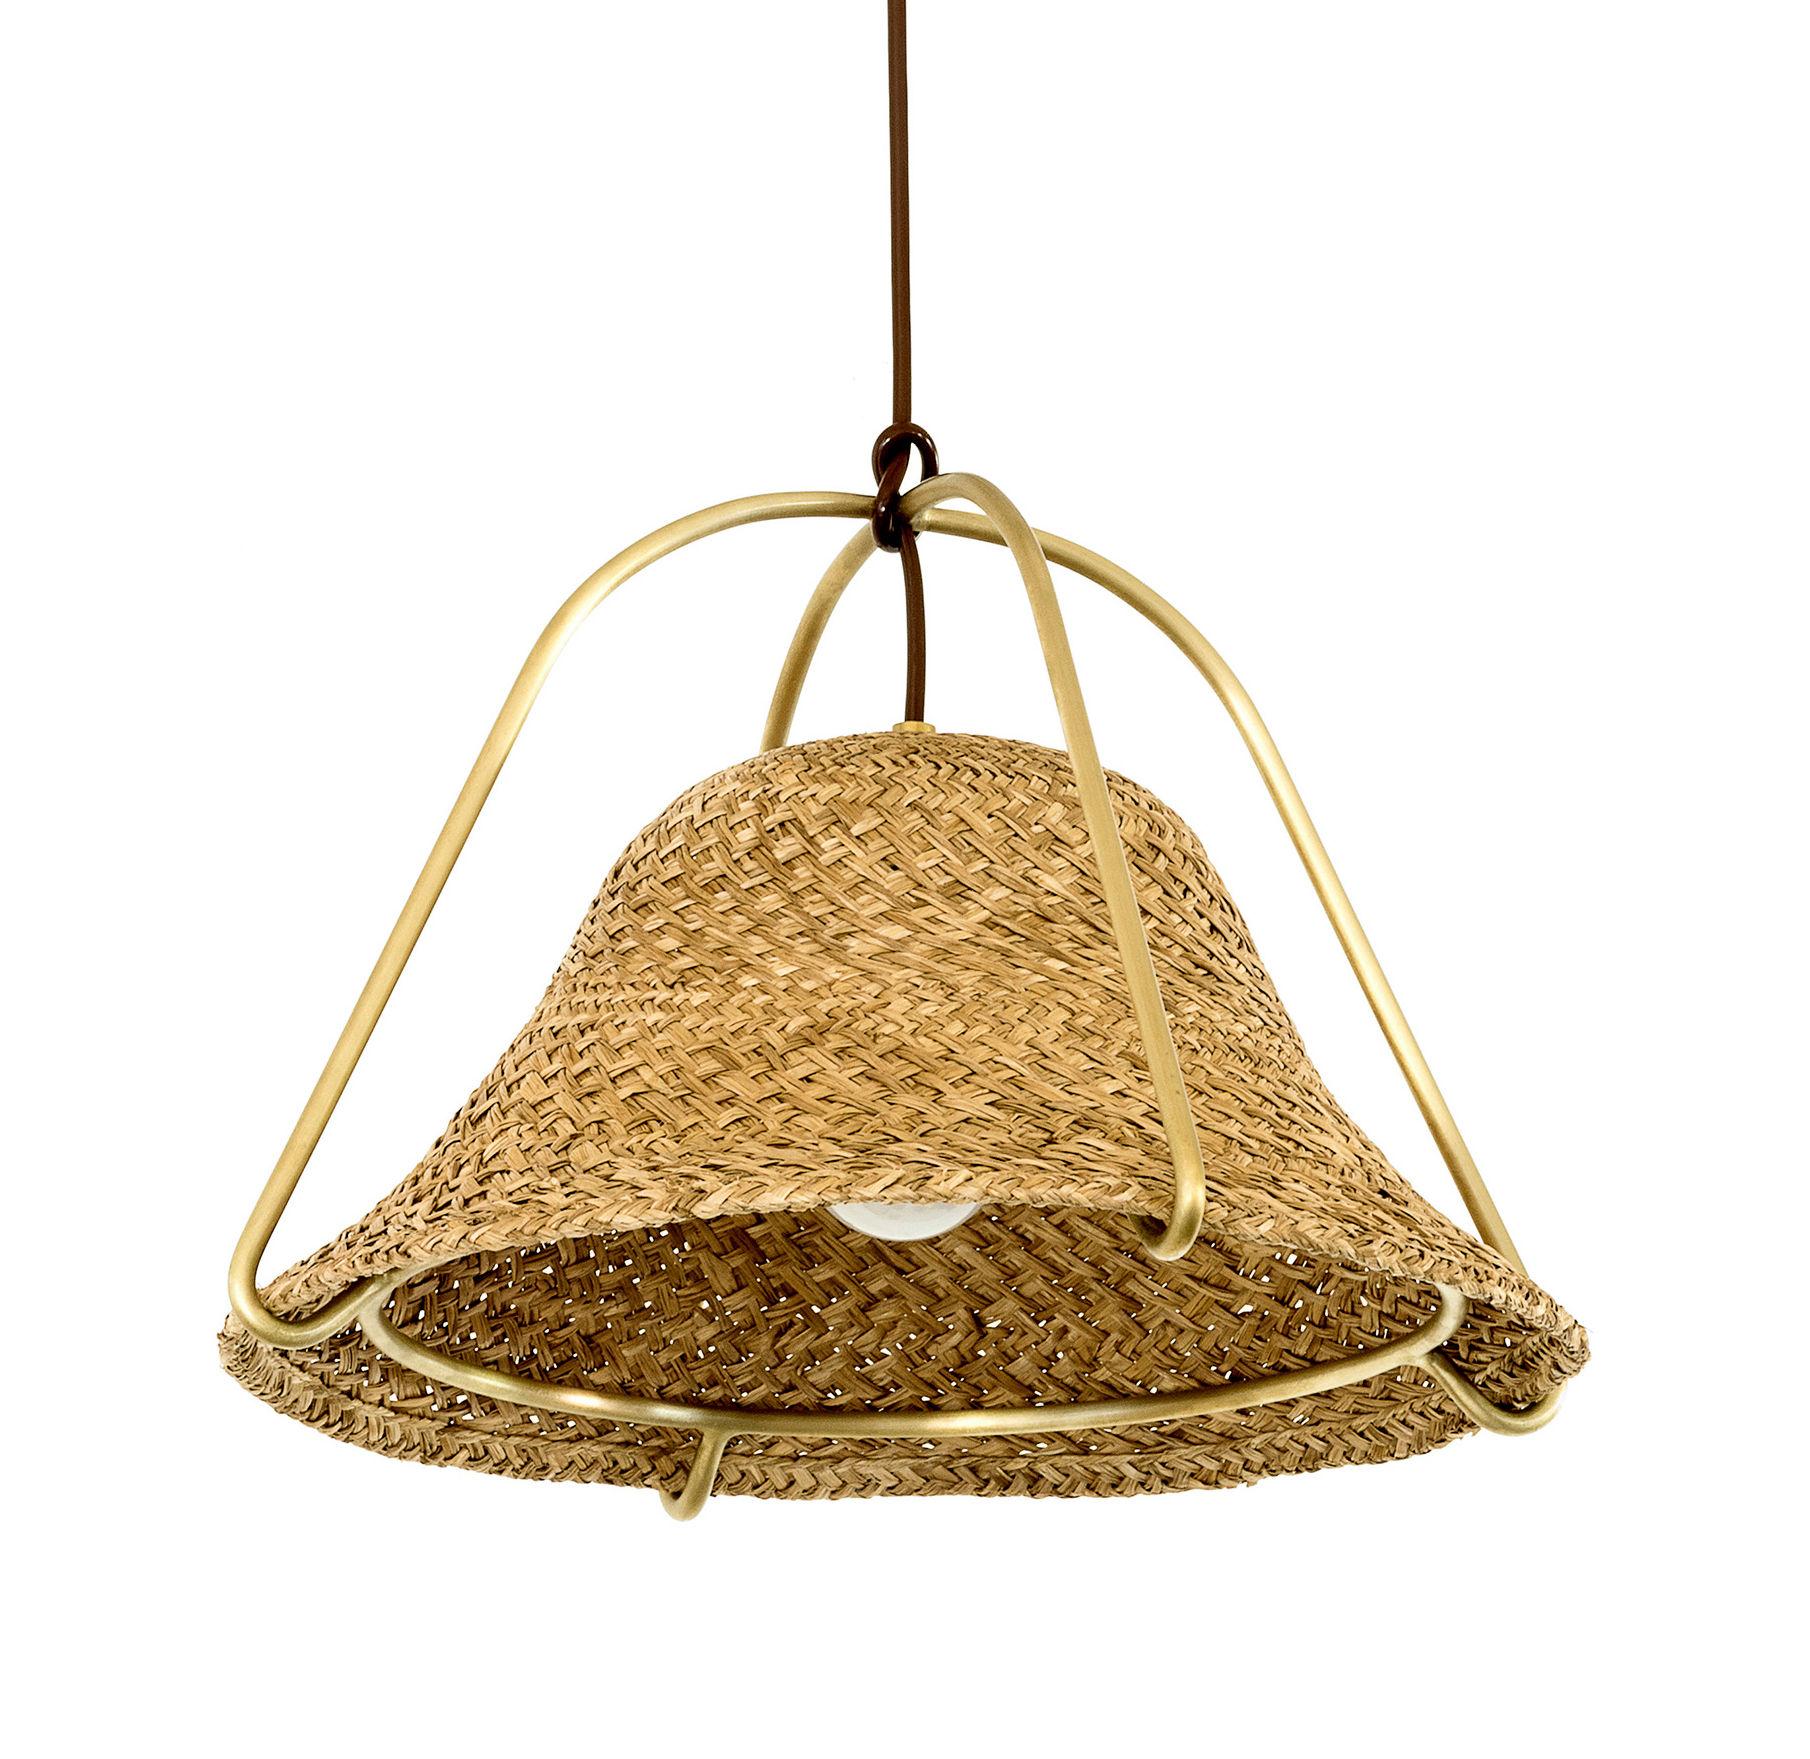 Lighting - Pendant Lighting - Paleae Pendant - Ø 40 cm - Woven palm by Spécimen Editions - Palm / Brass structure - Acier finition laiton, Hand woven palm